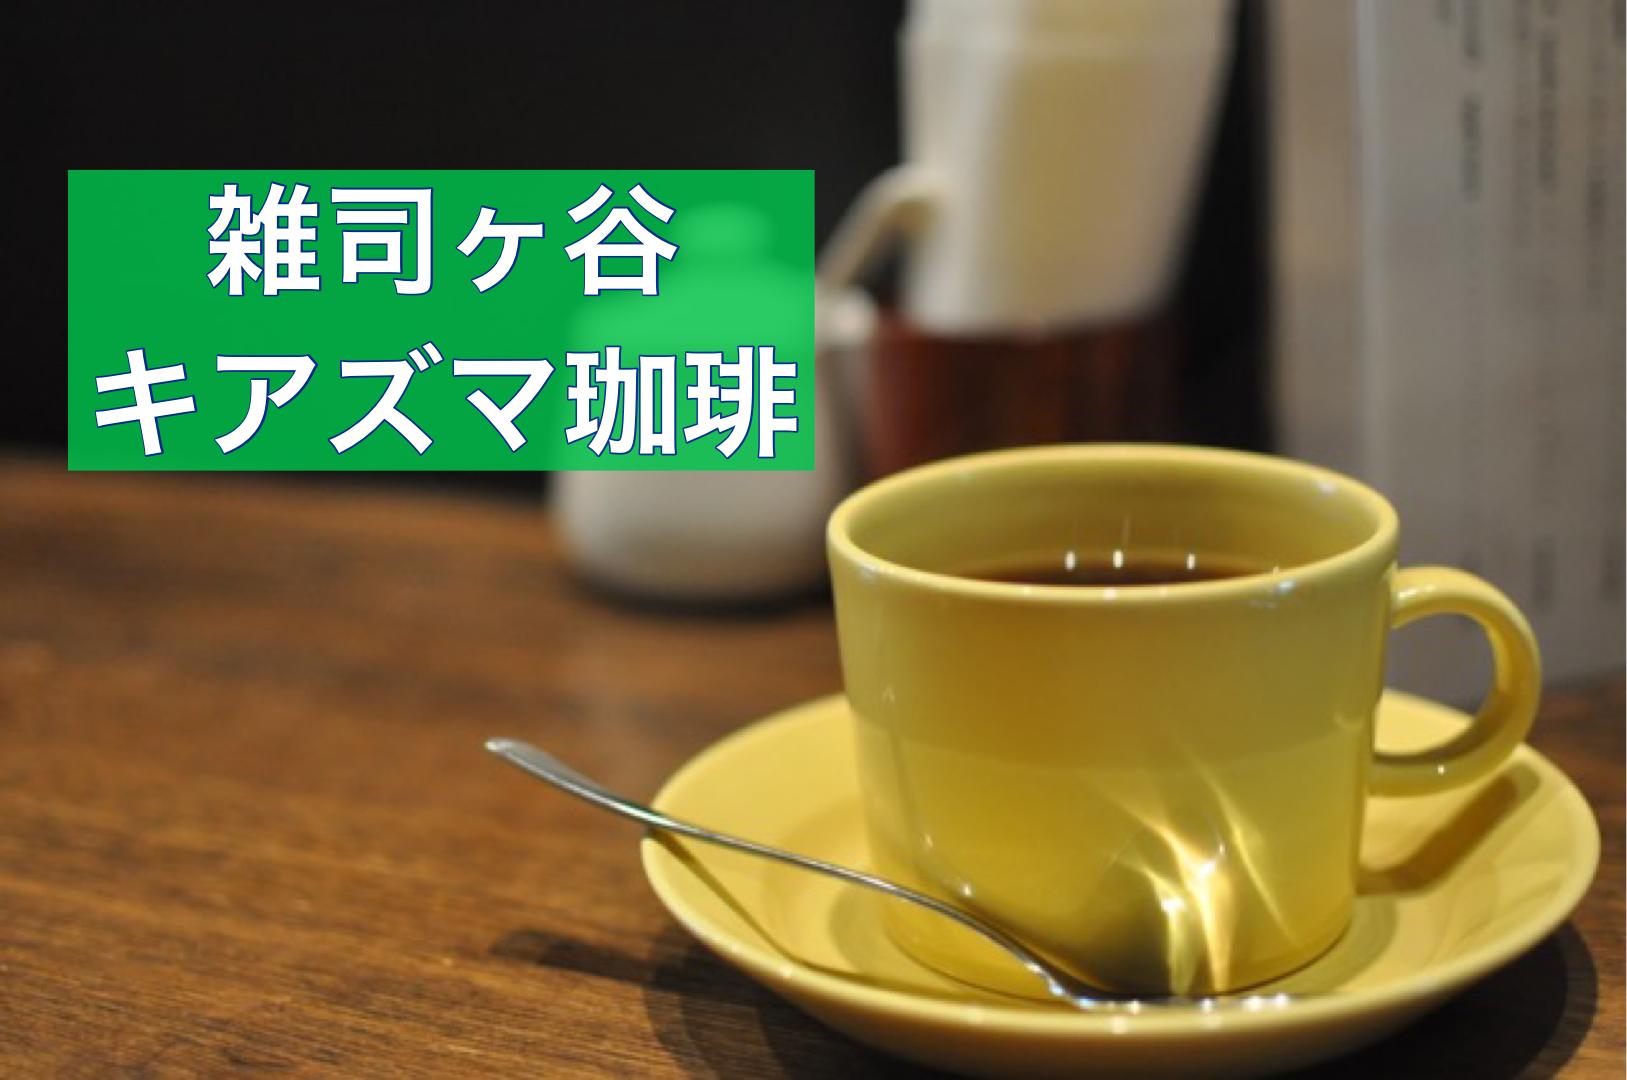 雑司ヶ谷 キアズマ珈琲